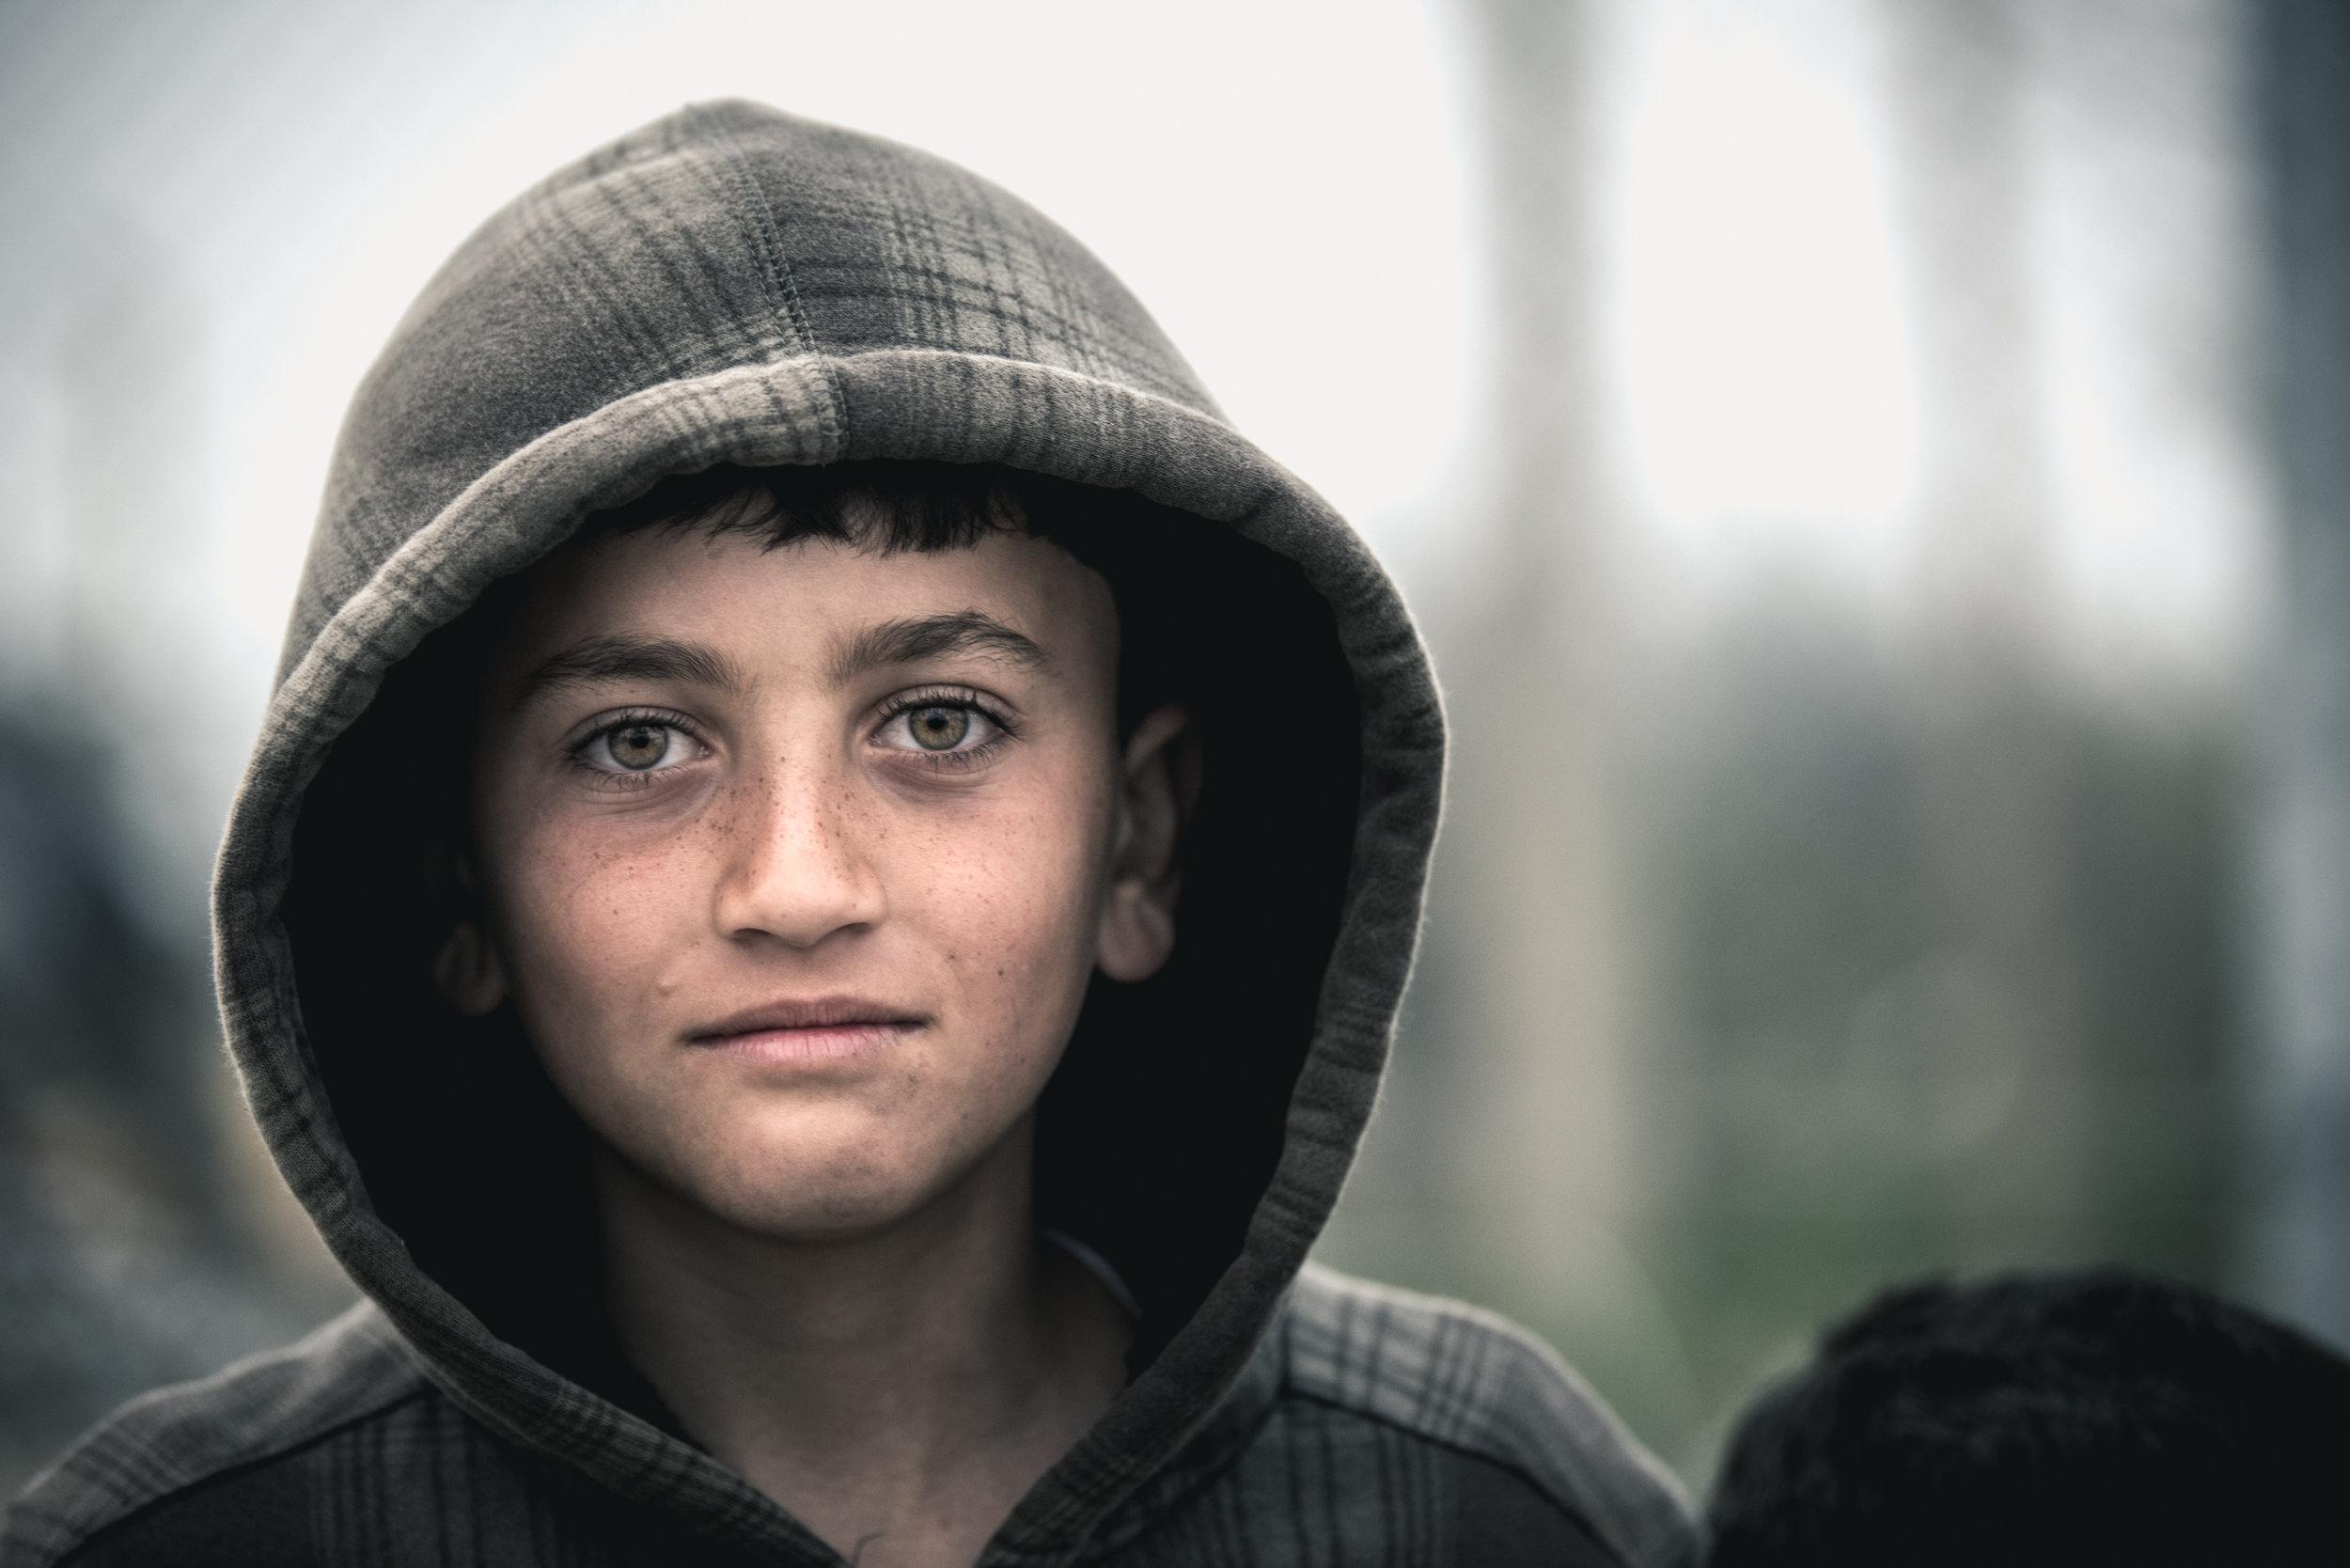 Syrian refugee boy.jpg